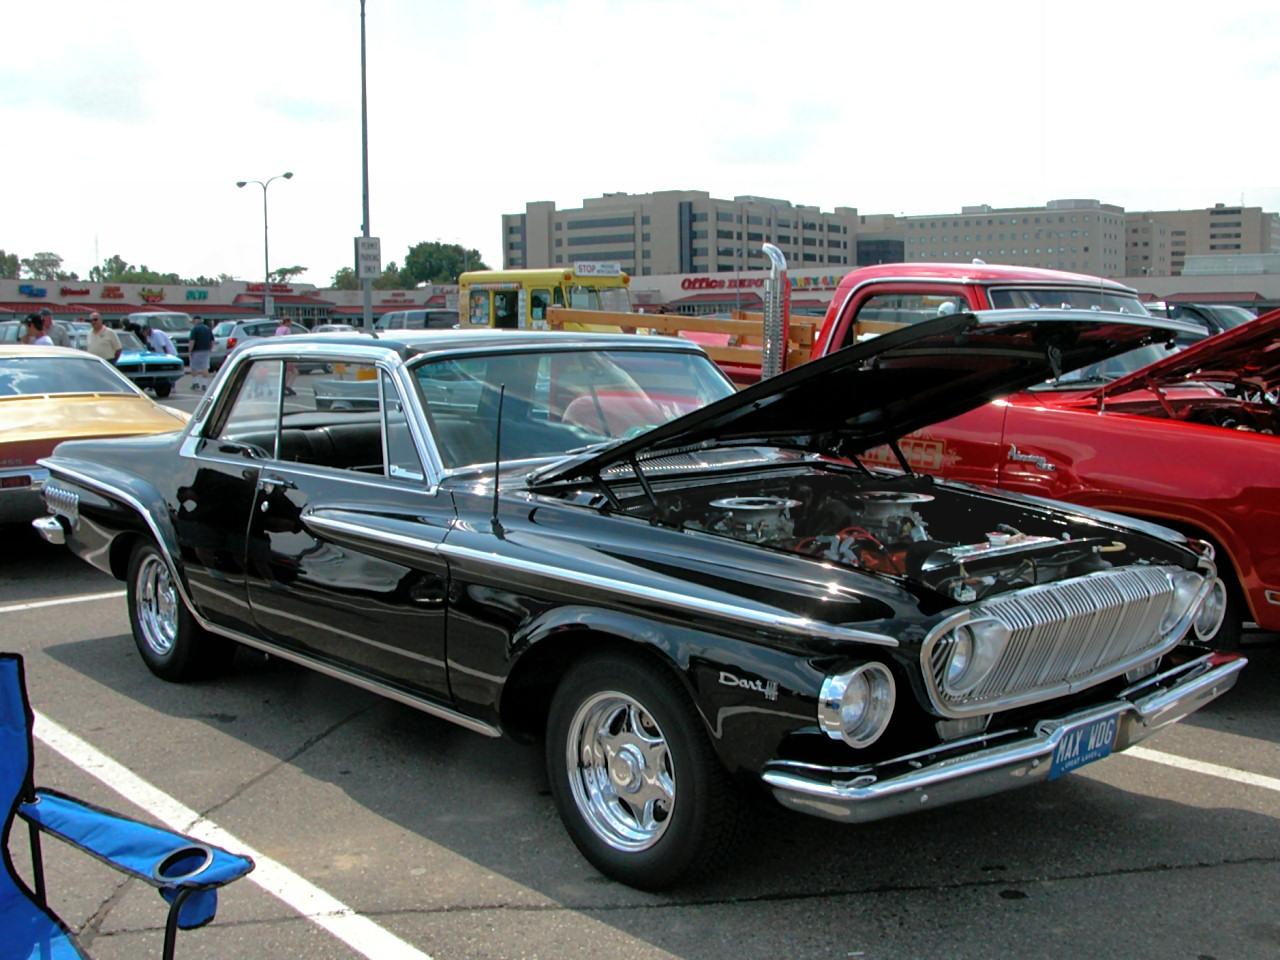 1962 Dodge Dart 440 2 Door Hardtop With 413 Short Ram Max Wedge Black Fvr 2005 Dream Cruise N